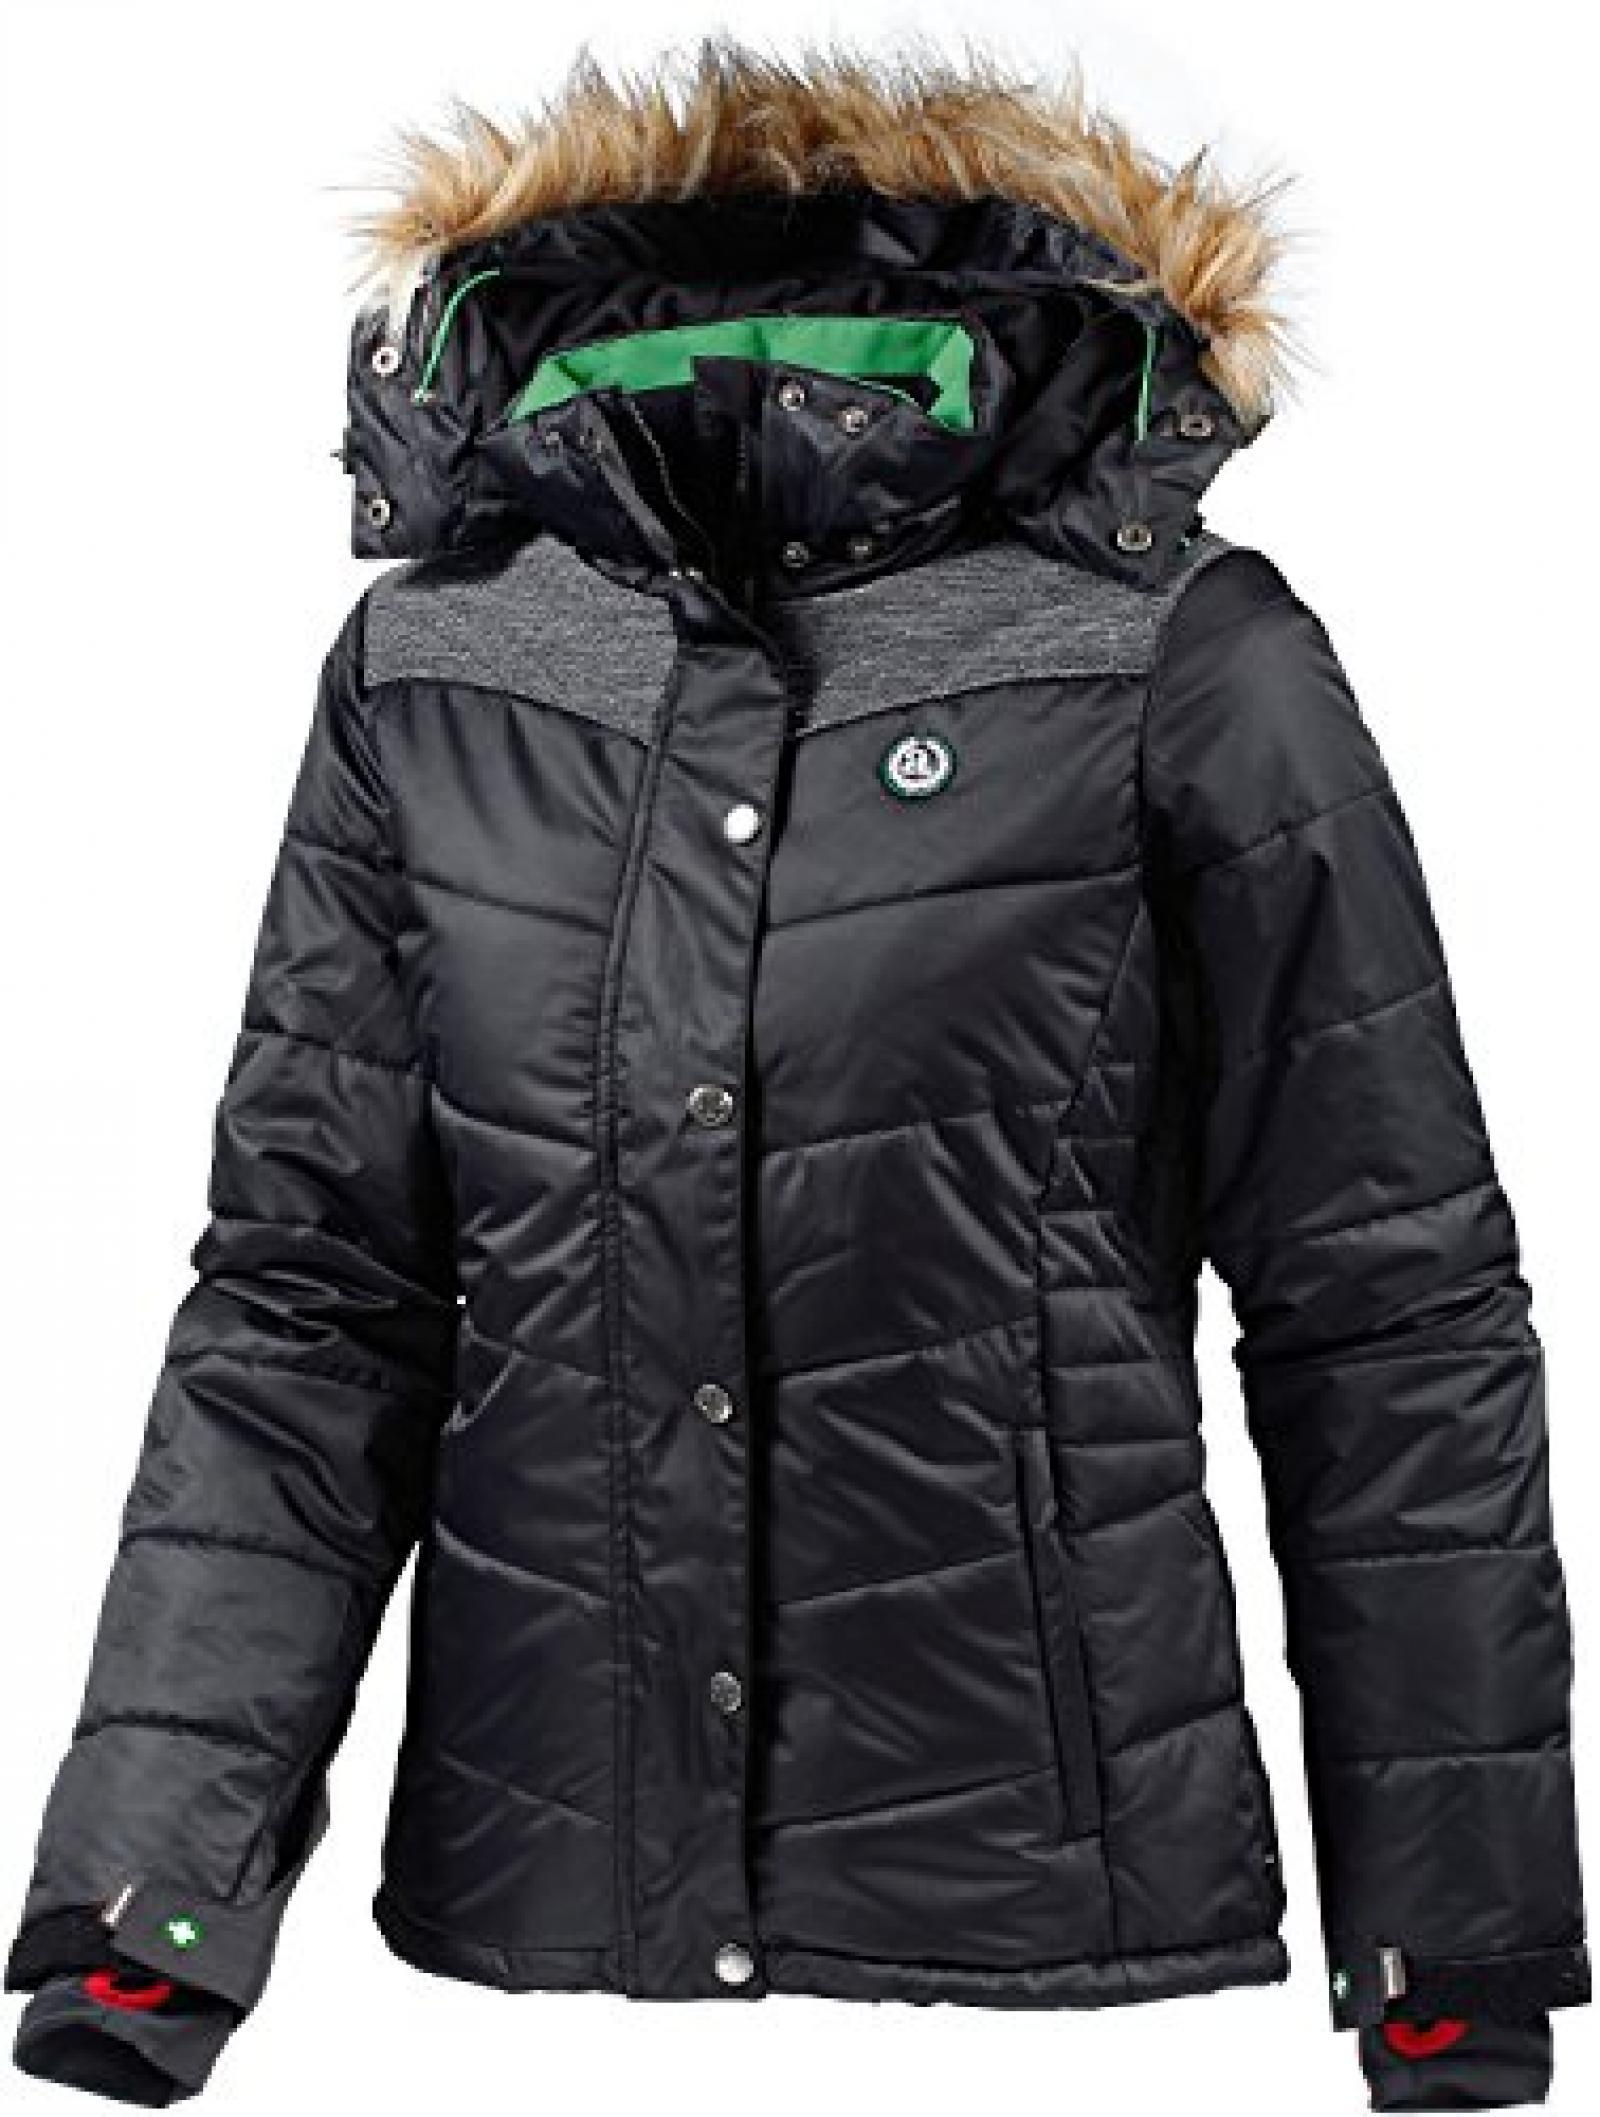 Alprausch Warmi Lola Snowboardjacke Damen